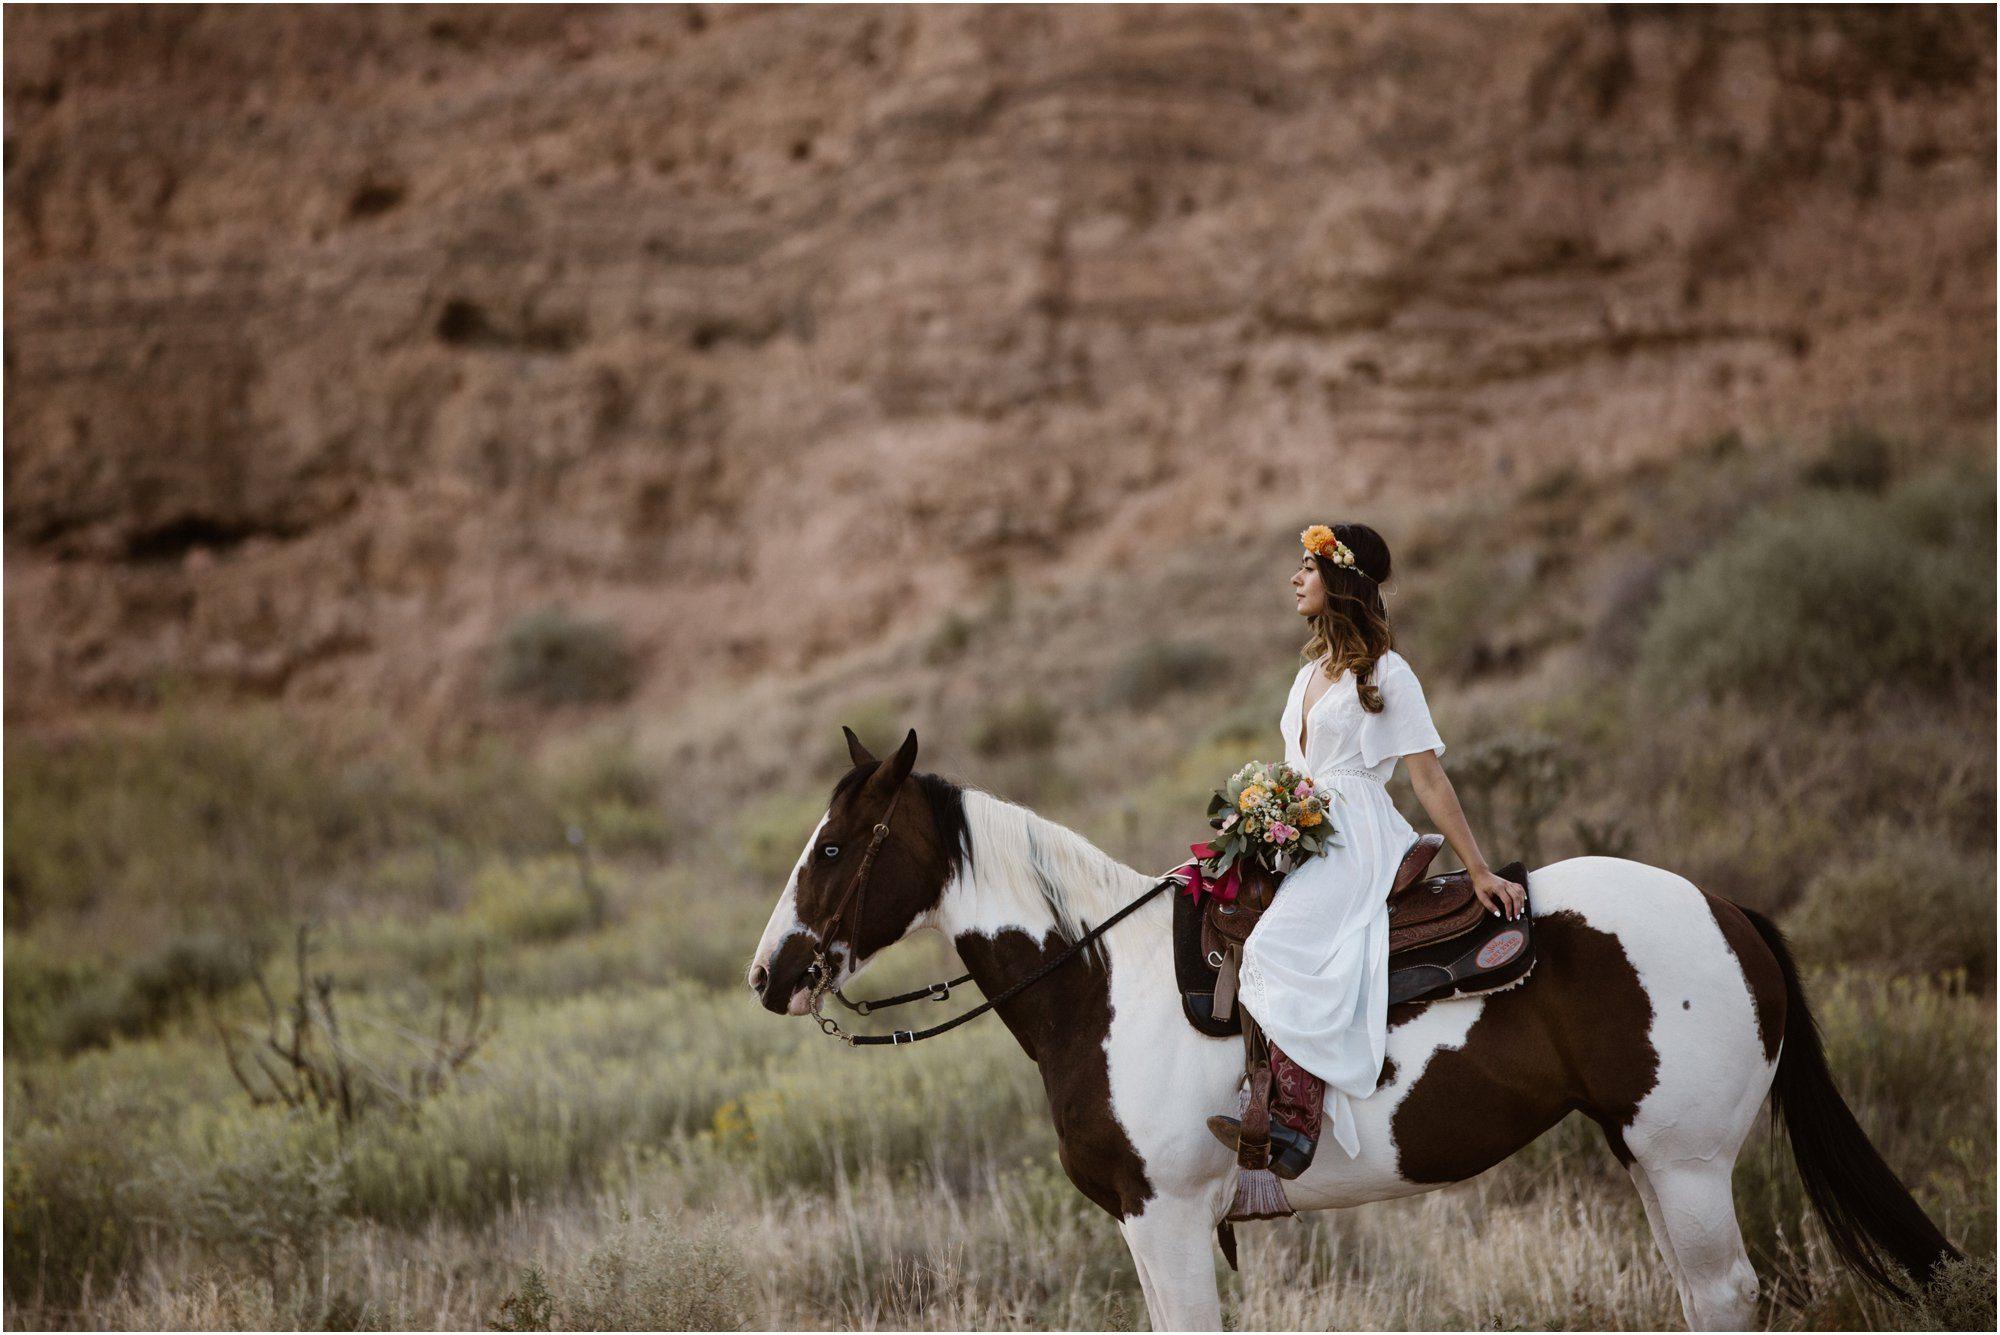 027Blue Rose Photography_ Albuquerque Portrait Photographer_ Fine Art Portraits_ Santa Fe Photographer